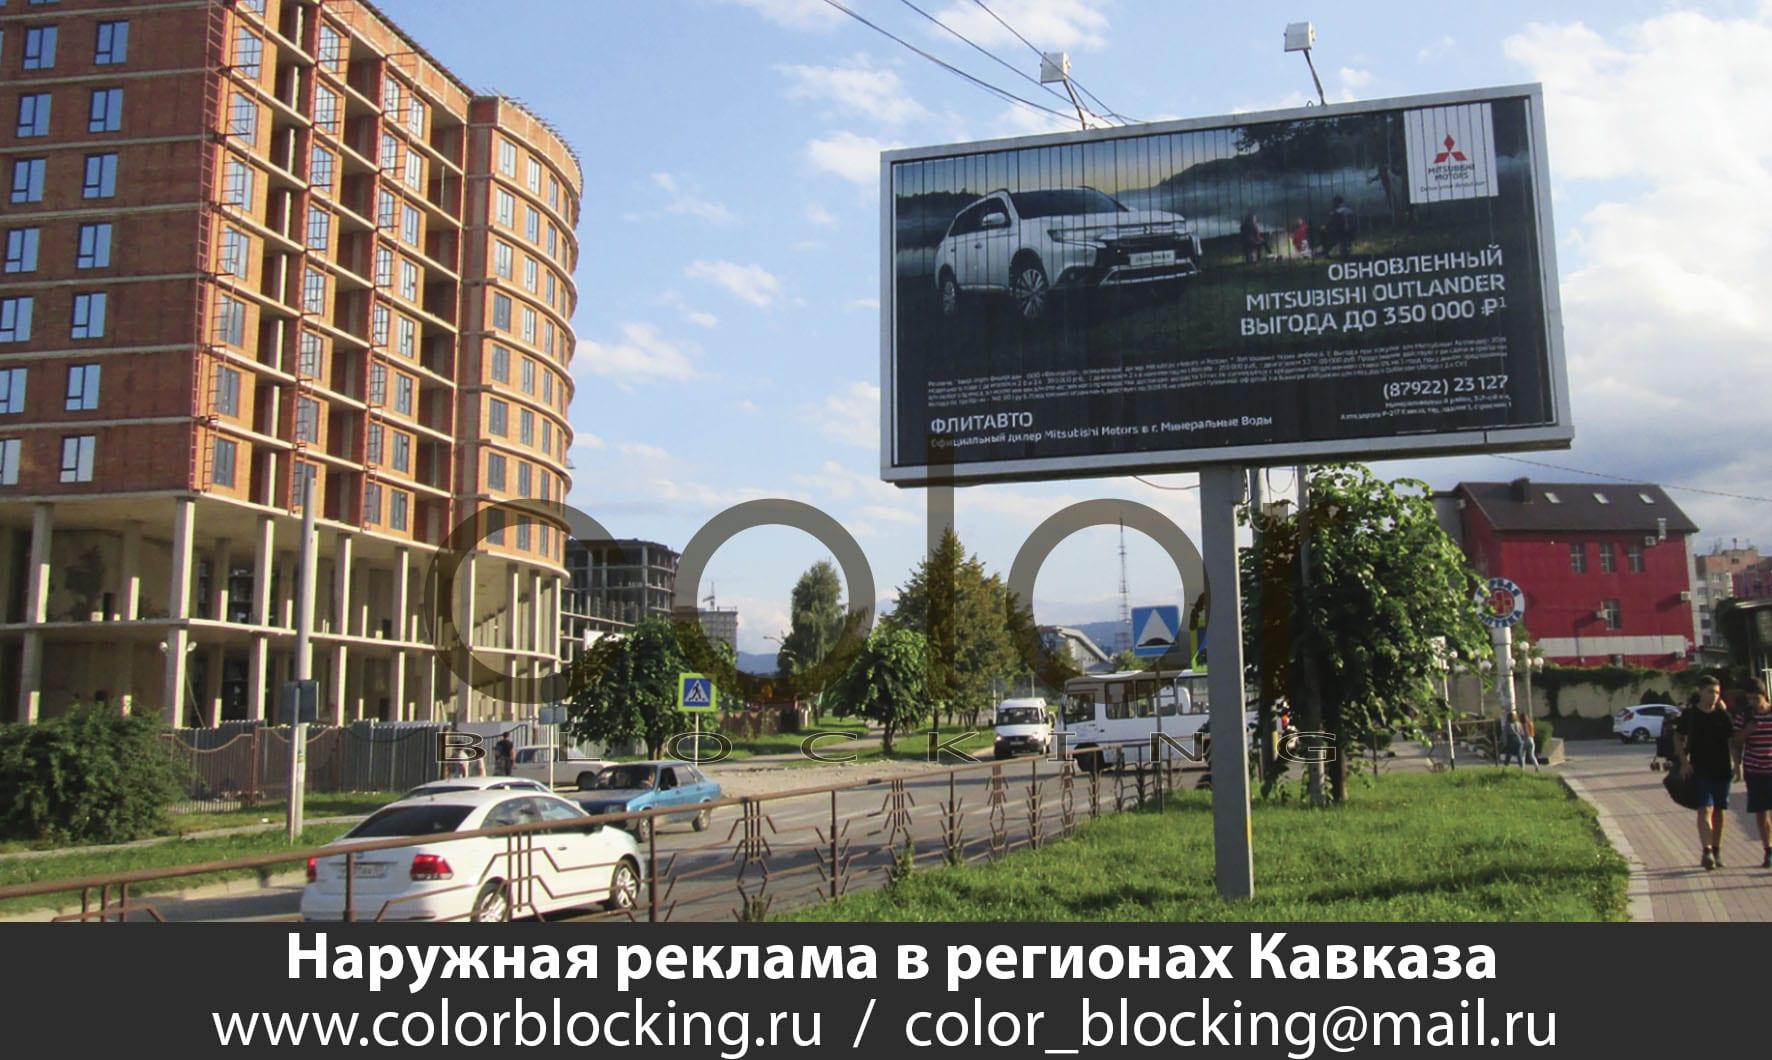 Реклама на билбордах в регионах Кавказа Нальчик